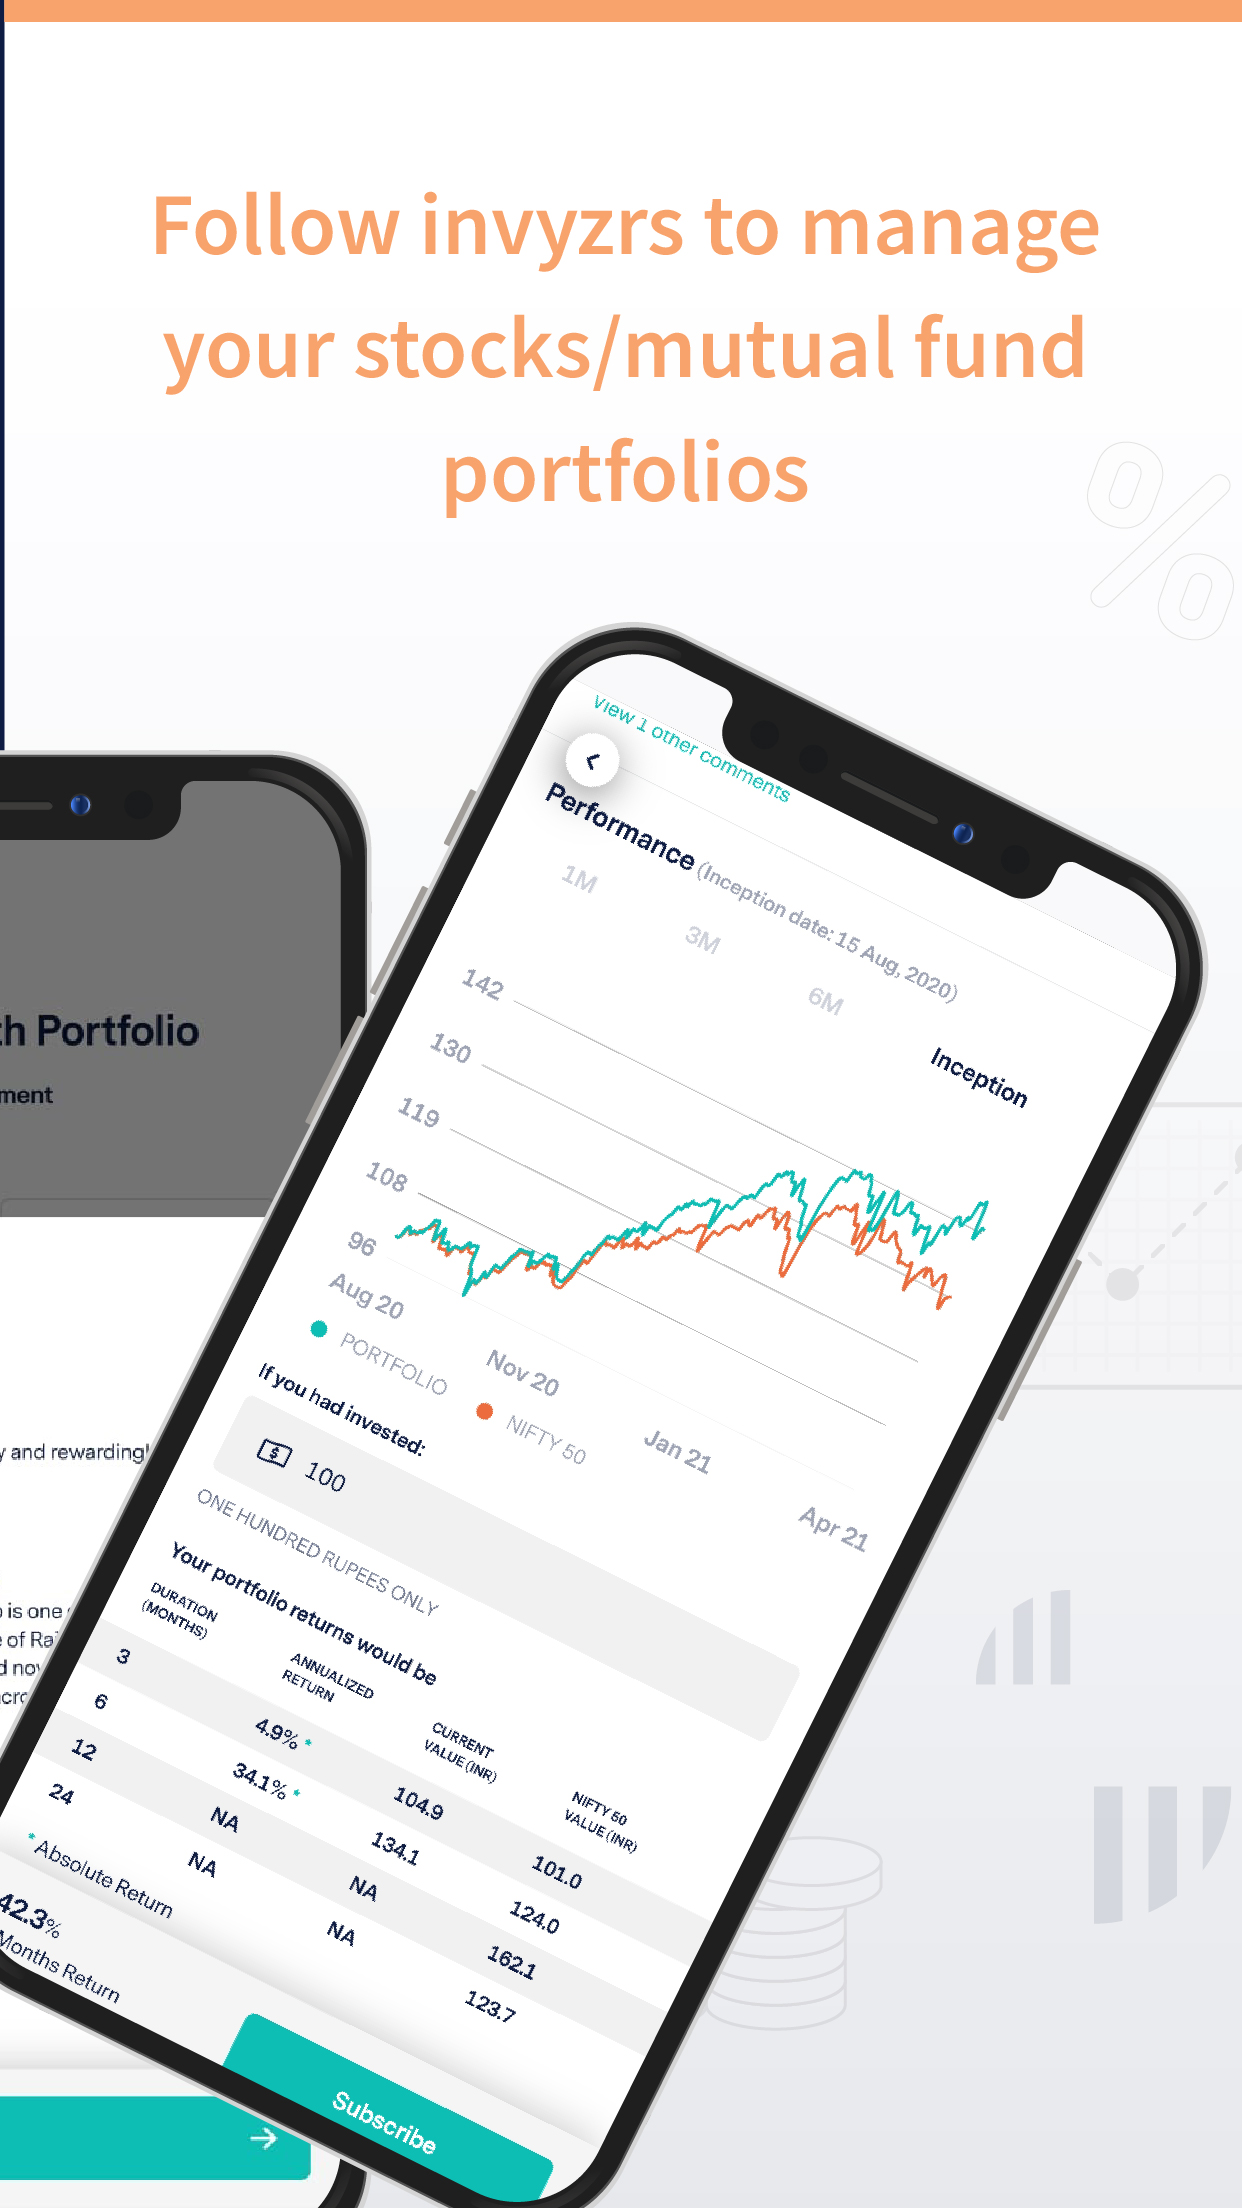 invyzr – Stocks/MF Investing